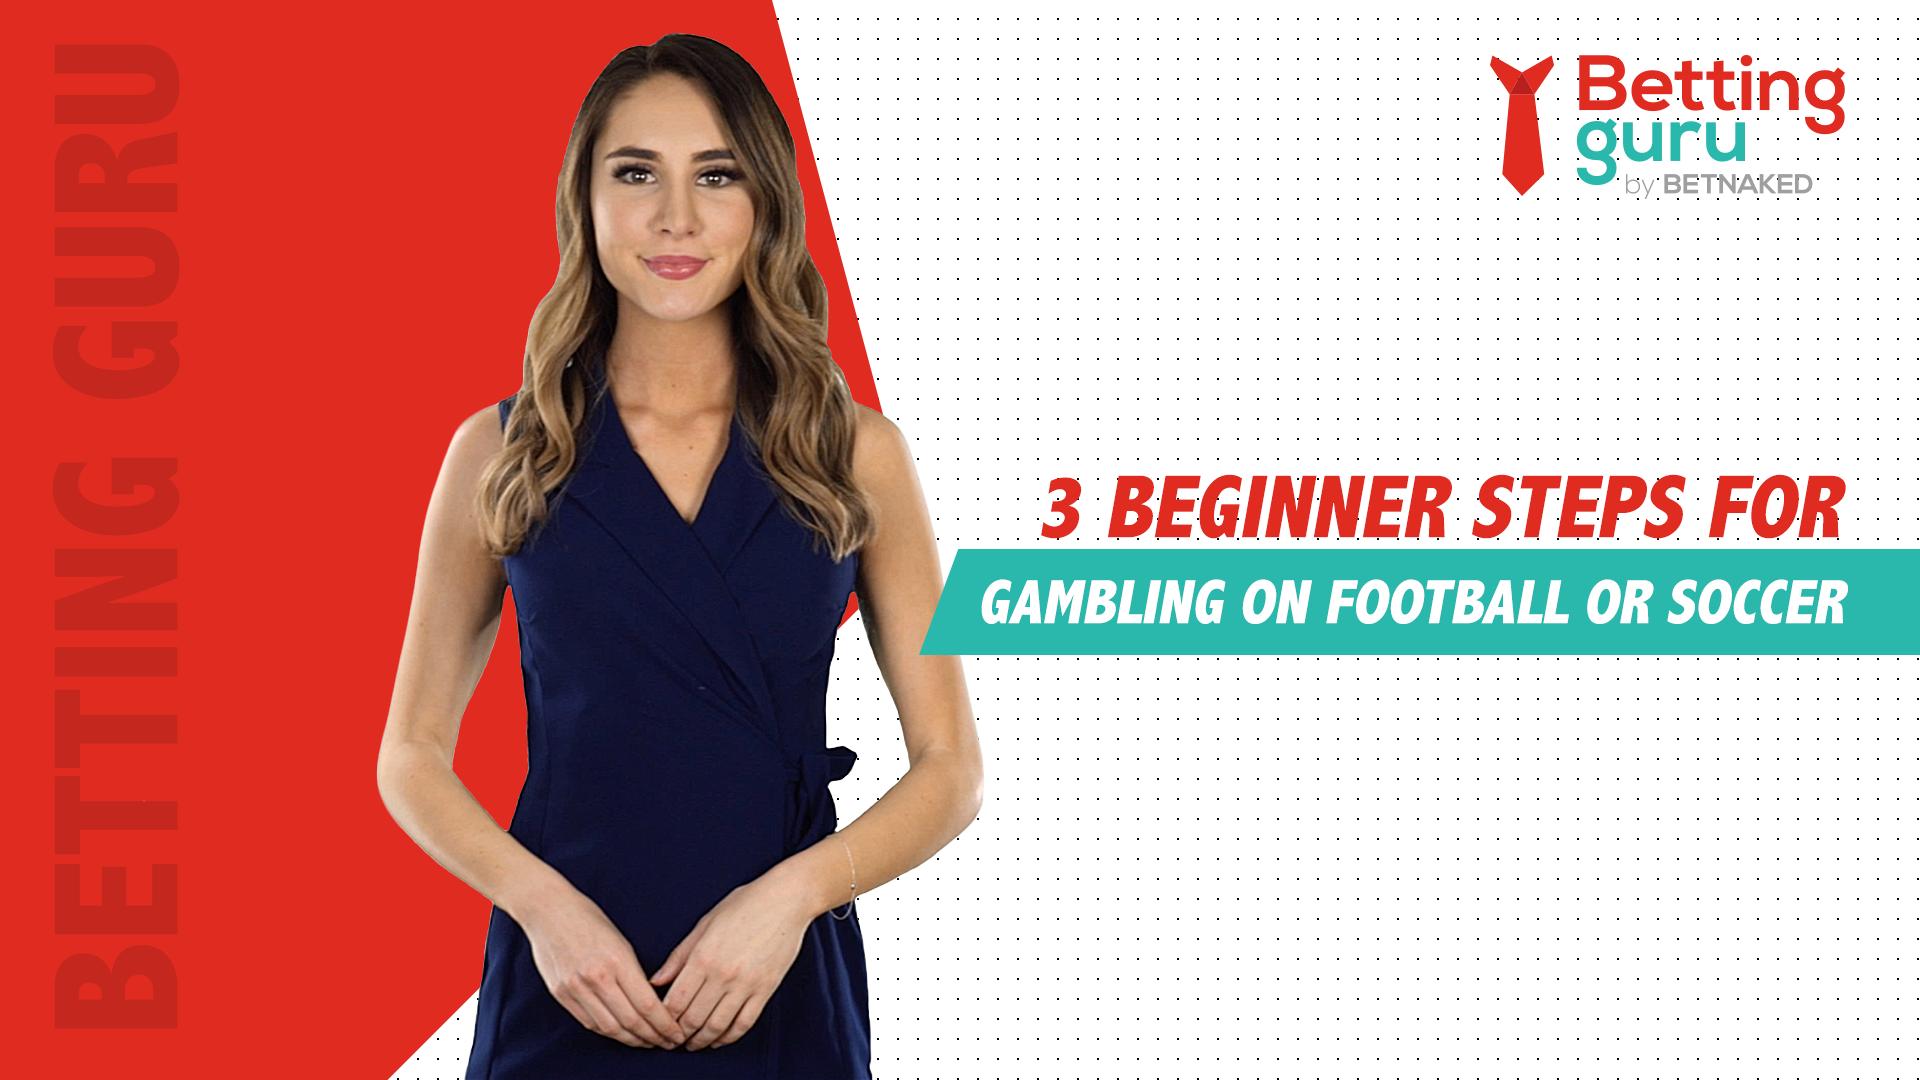 3 Beginner Steps For Gambling On Football or Soccer